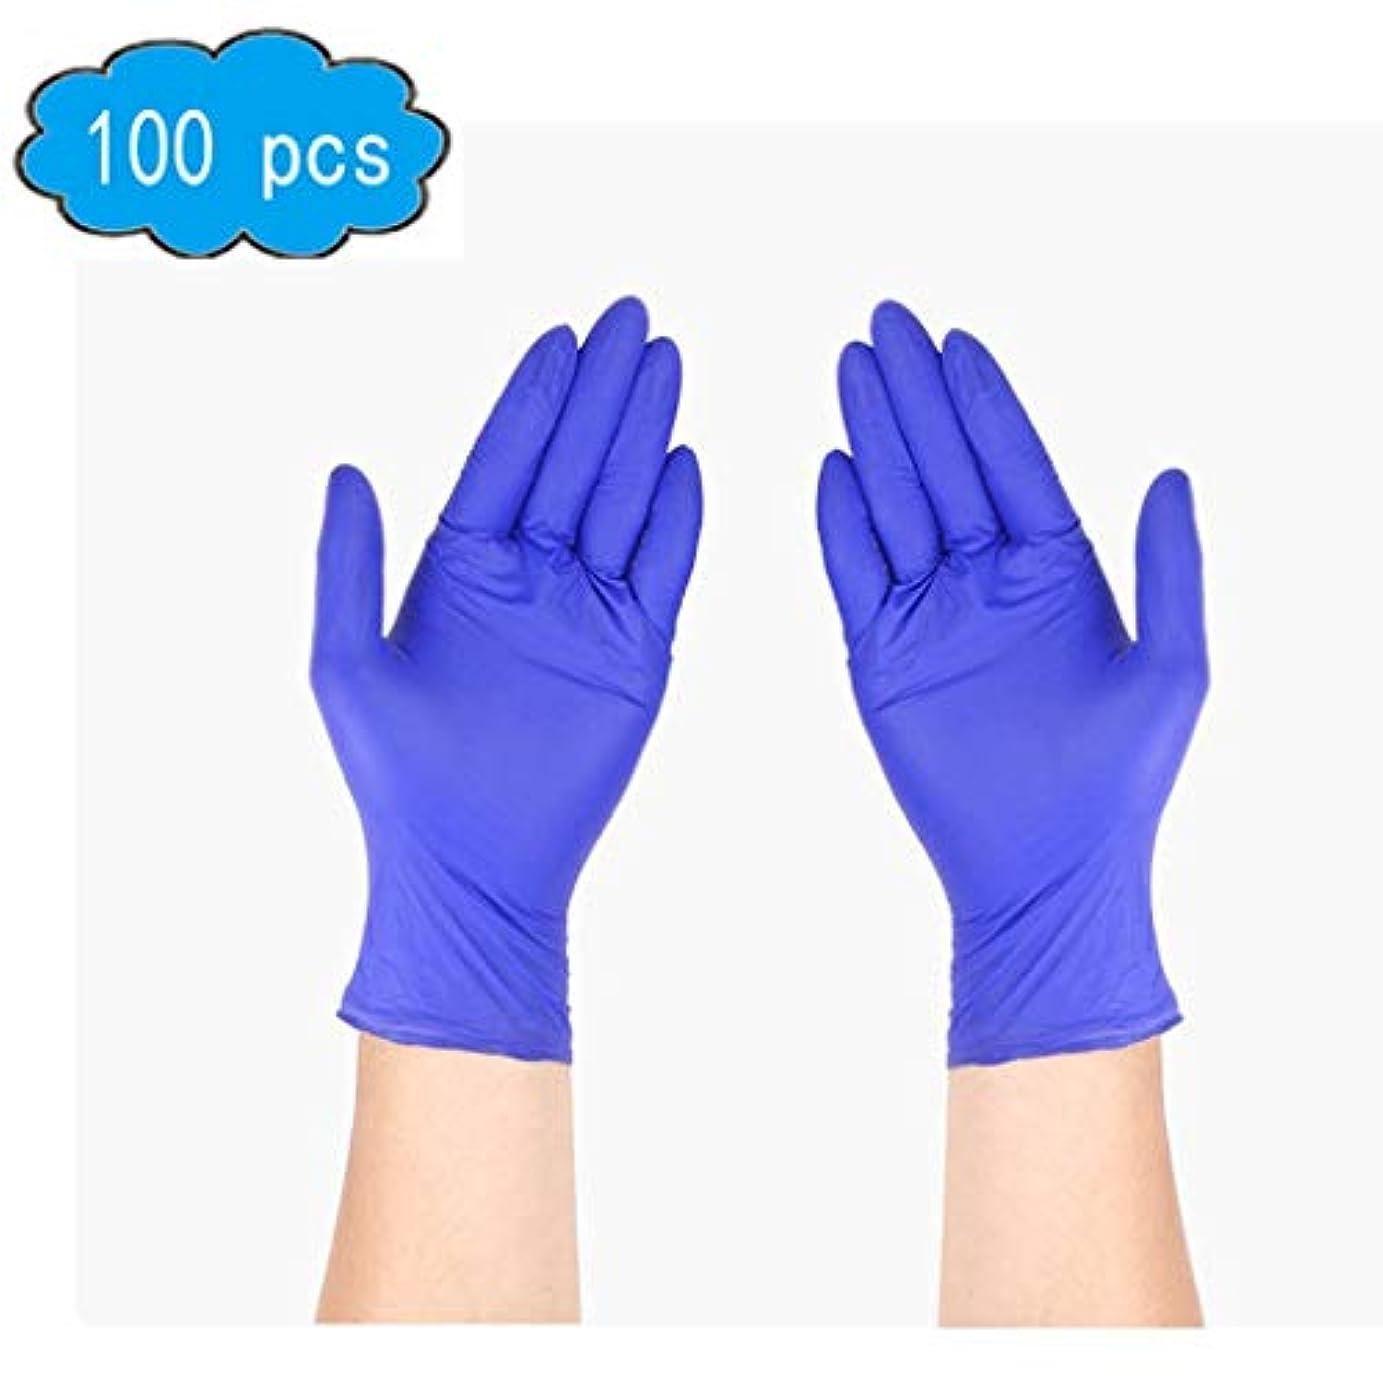 ディレクター馬力マーケティングニトリル試験用手袋 - 医療用グレード、使い捨て、パウダーフリー、ラテックスラバーフリー、ヘビーデューティー、テクスチャード、無菌、作業、医療、食品安全、クリーニング、卸売、特大(100個入り)、応急処置用品 (Color...